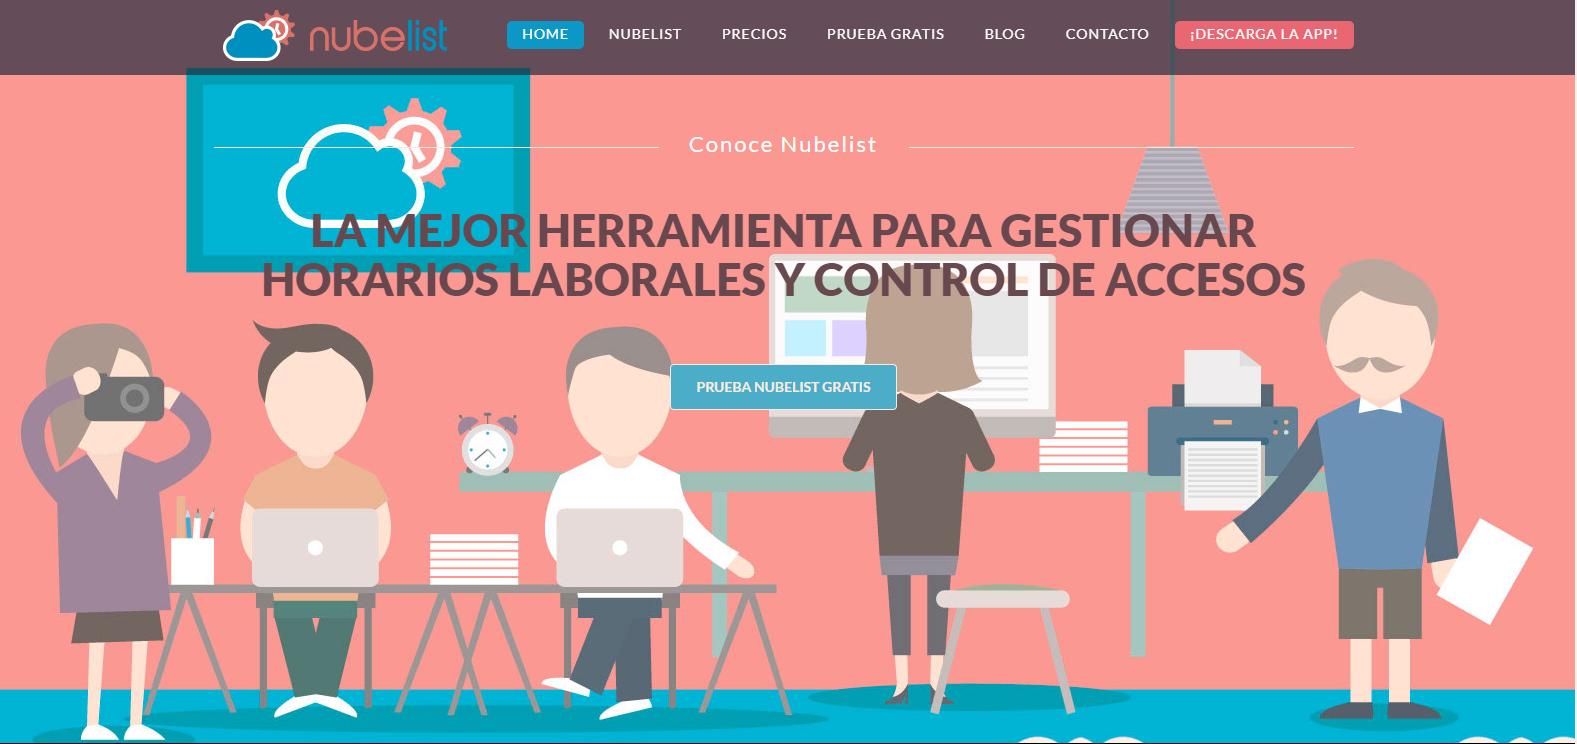 Nubelist: Diseño web coporativo en wordpress&&ciudad&&. Diseño y desarrollo Wordpress&&en_ciudad&&.